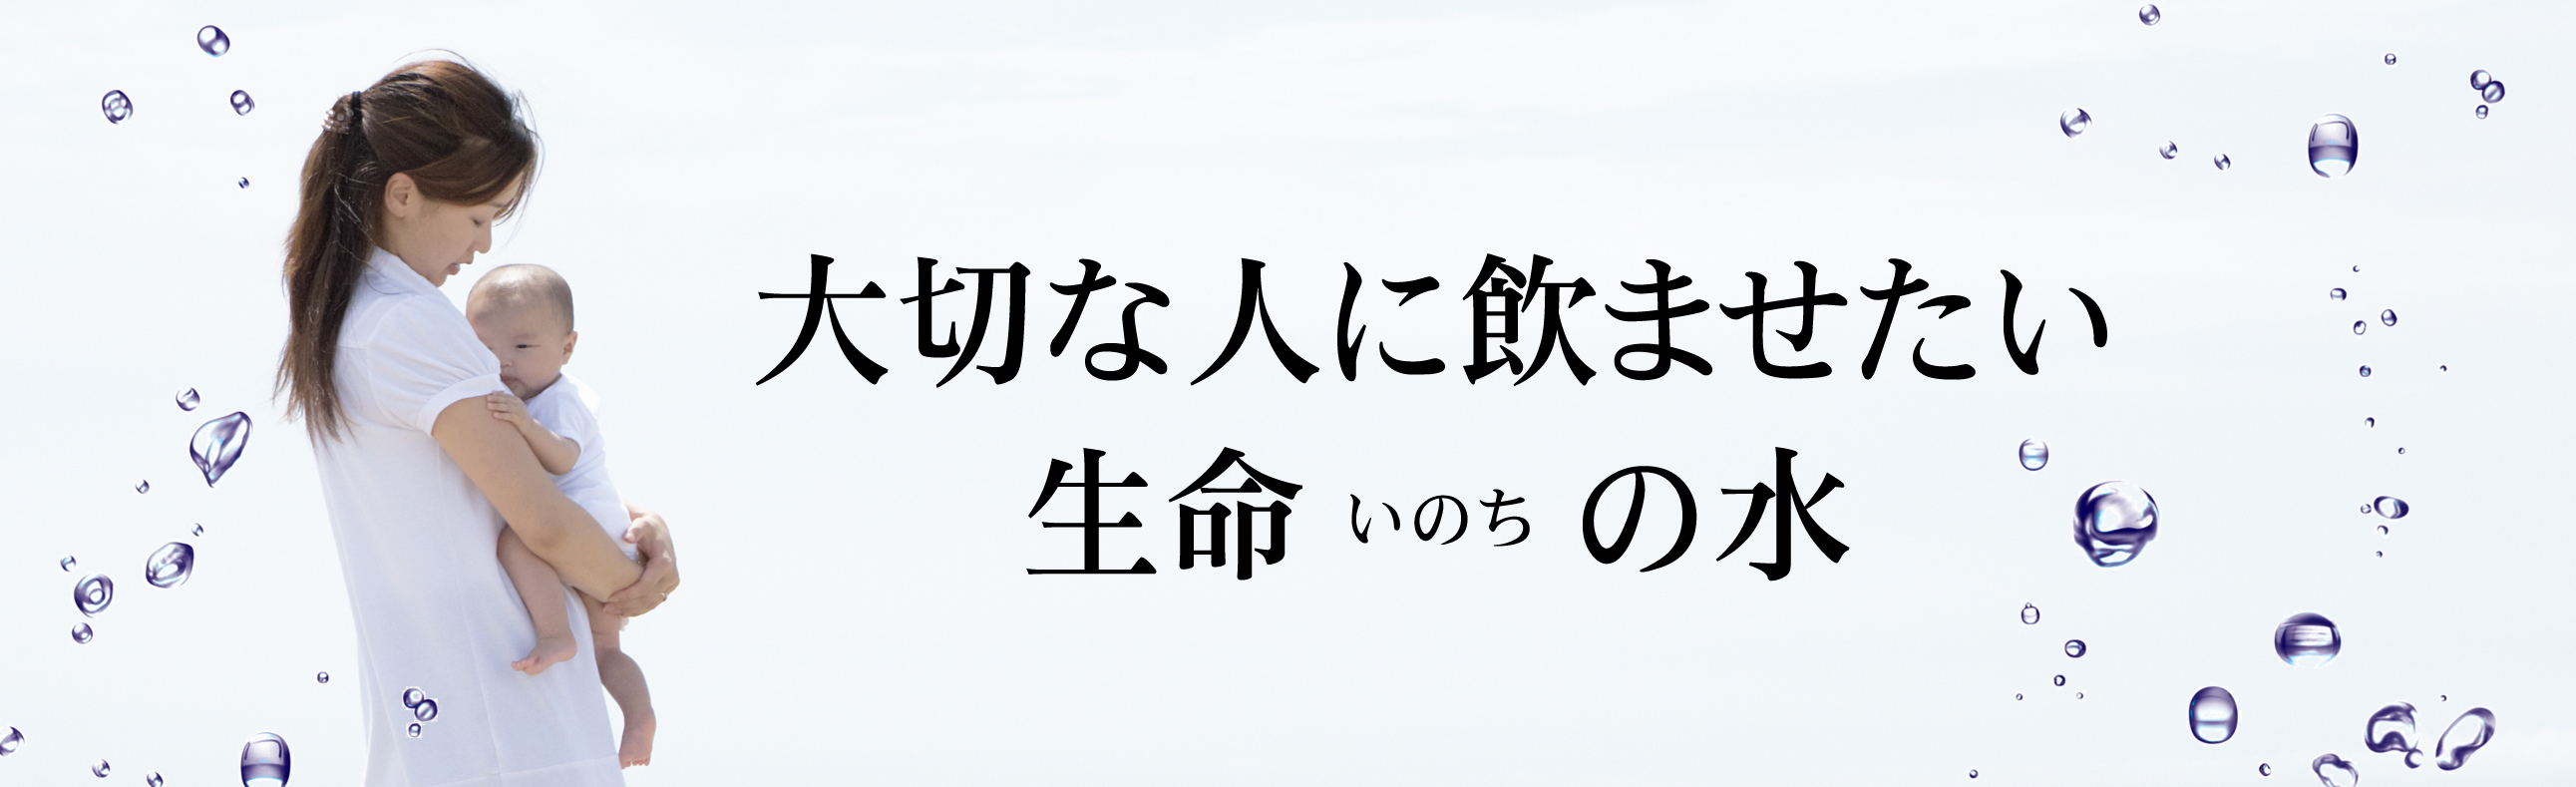 main_oyako